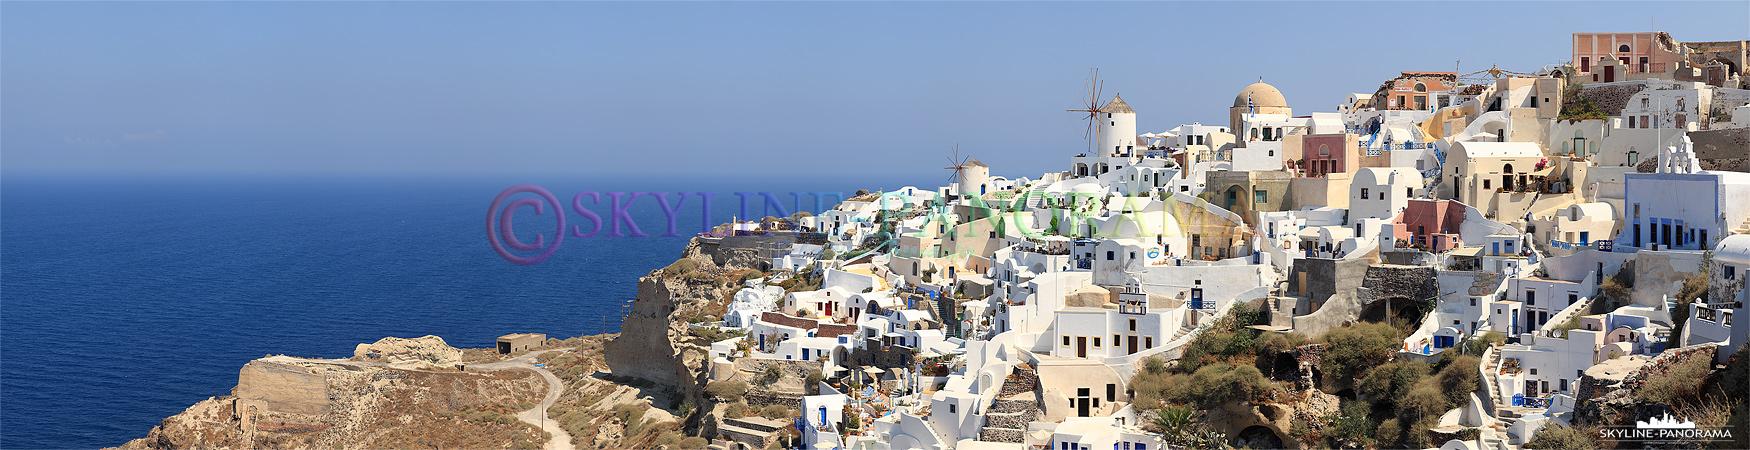 Bilder Griechenland - Die Ansicht auf Oia´s weltberühmte Windmühlen, zugleich als Wahrzeichen des Dorfes bekannt, hier vom Lóntza-Kastell aus gesehen.